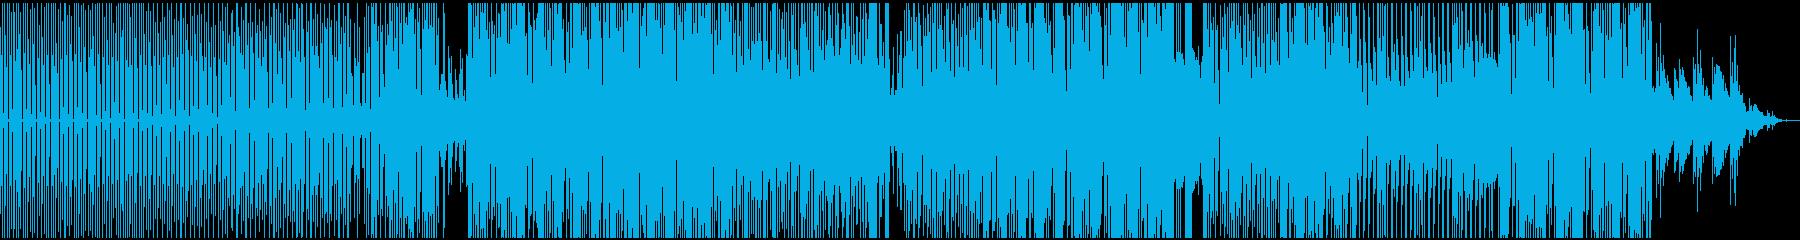 軽快なDEEP HOUSE SOUNDの再生済みの波形